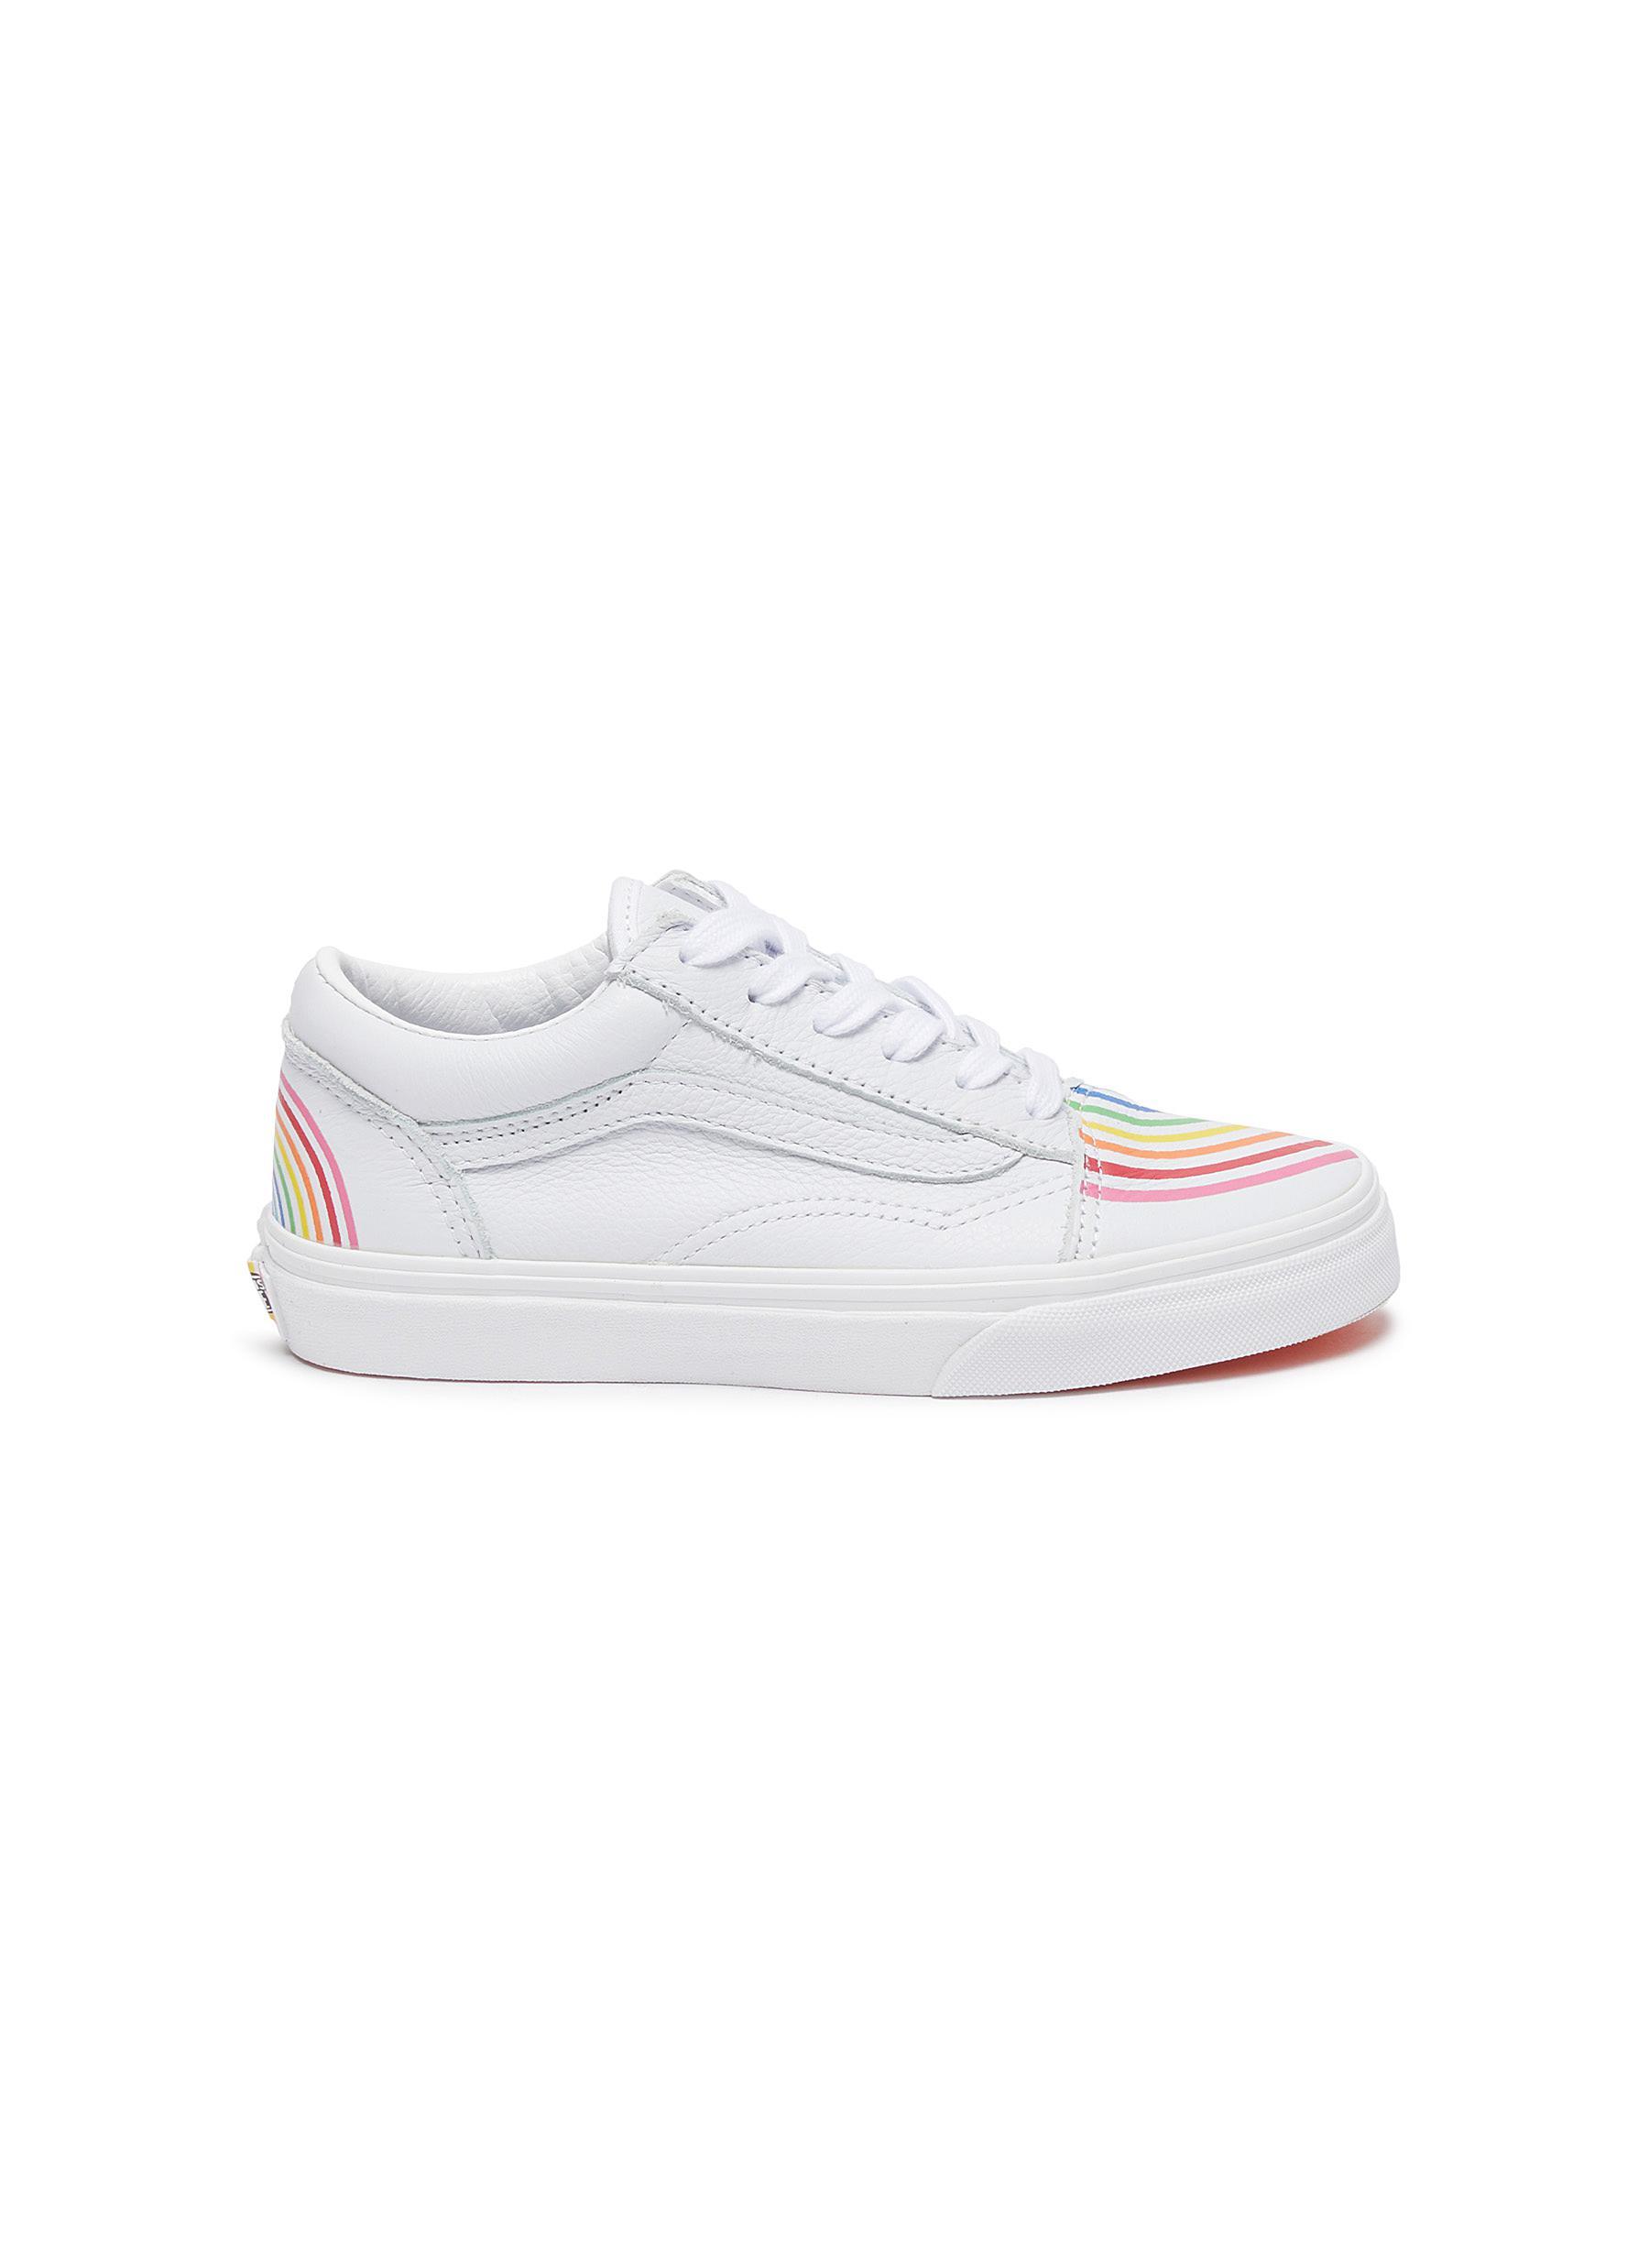 VANS   OLD SKOOL' Rainbow Motif Kids Leather Sneakers   Kids ...